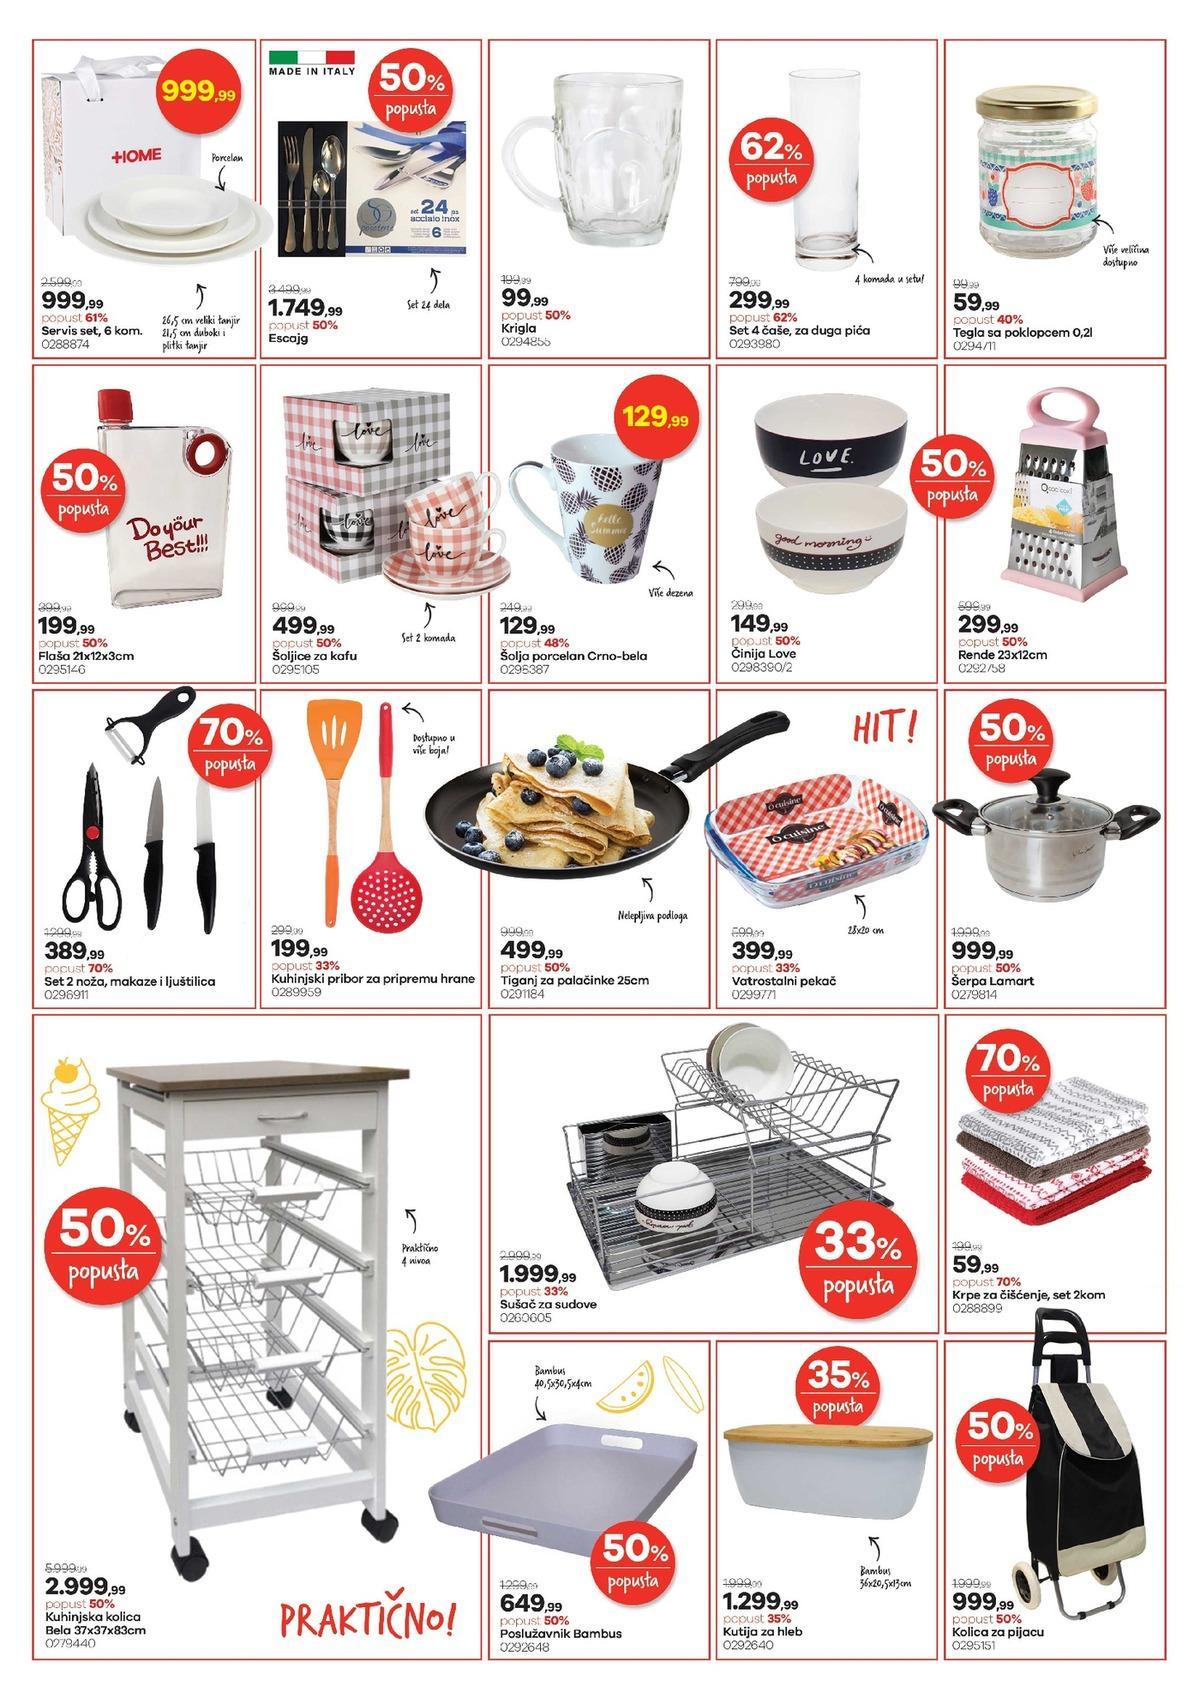 Home centar Katalog